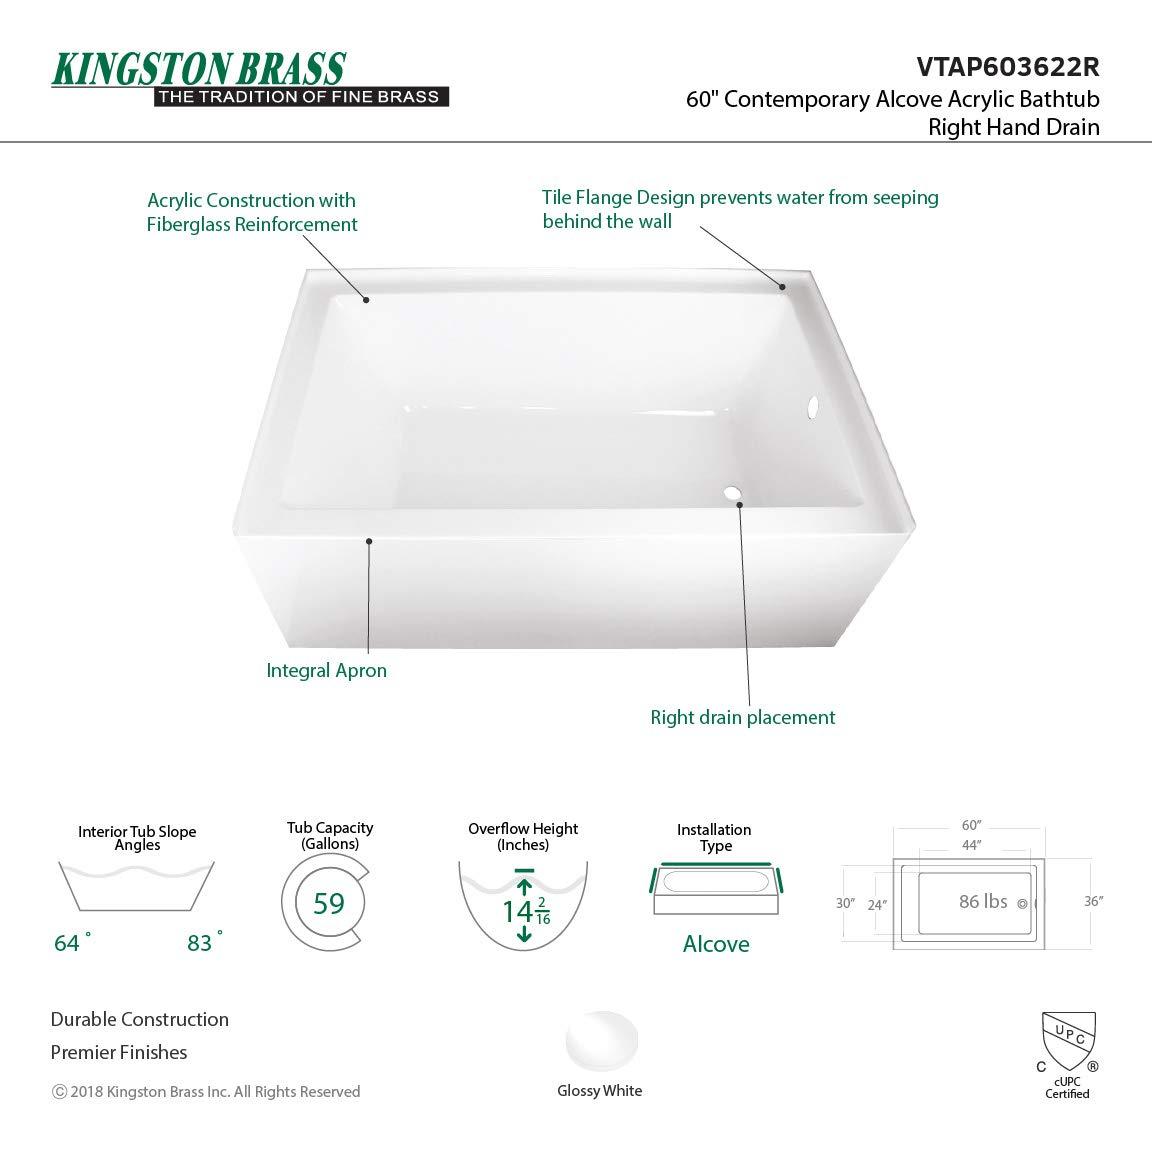 Amazon.com: kingston brass vtap603622r Aqua Eden 60 acrílico ...